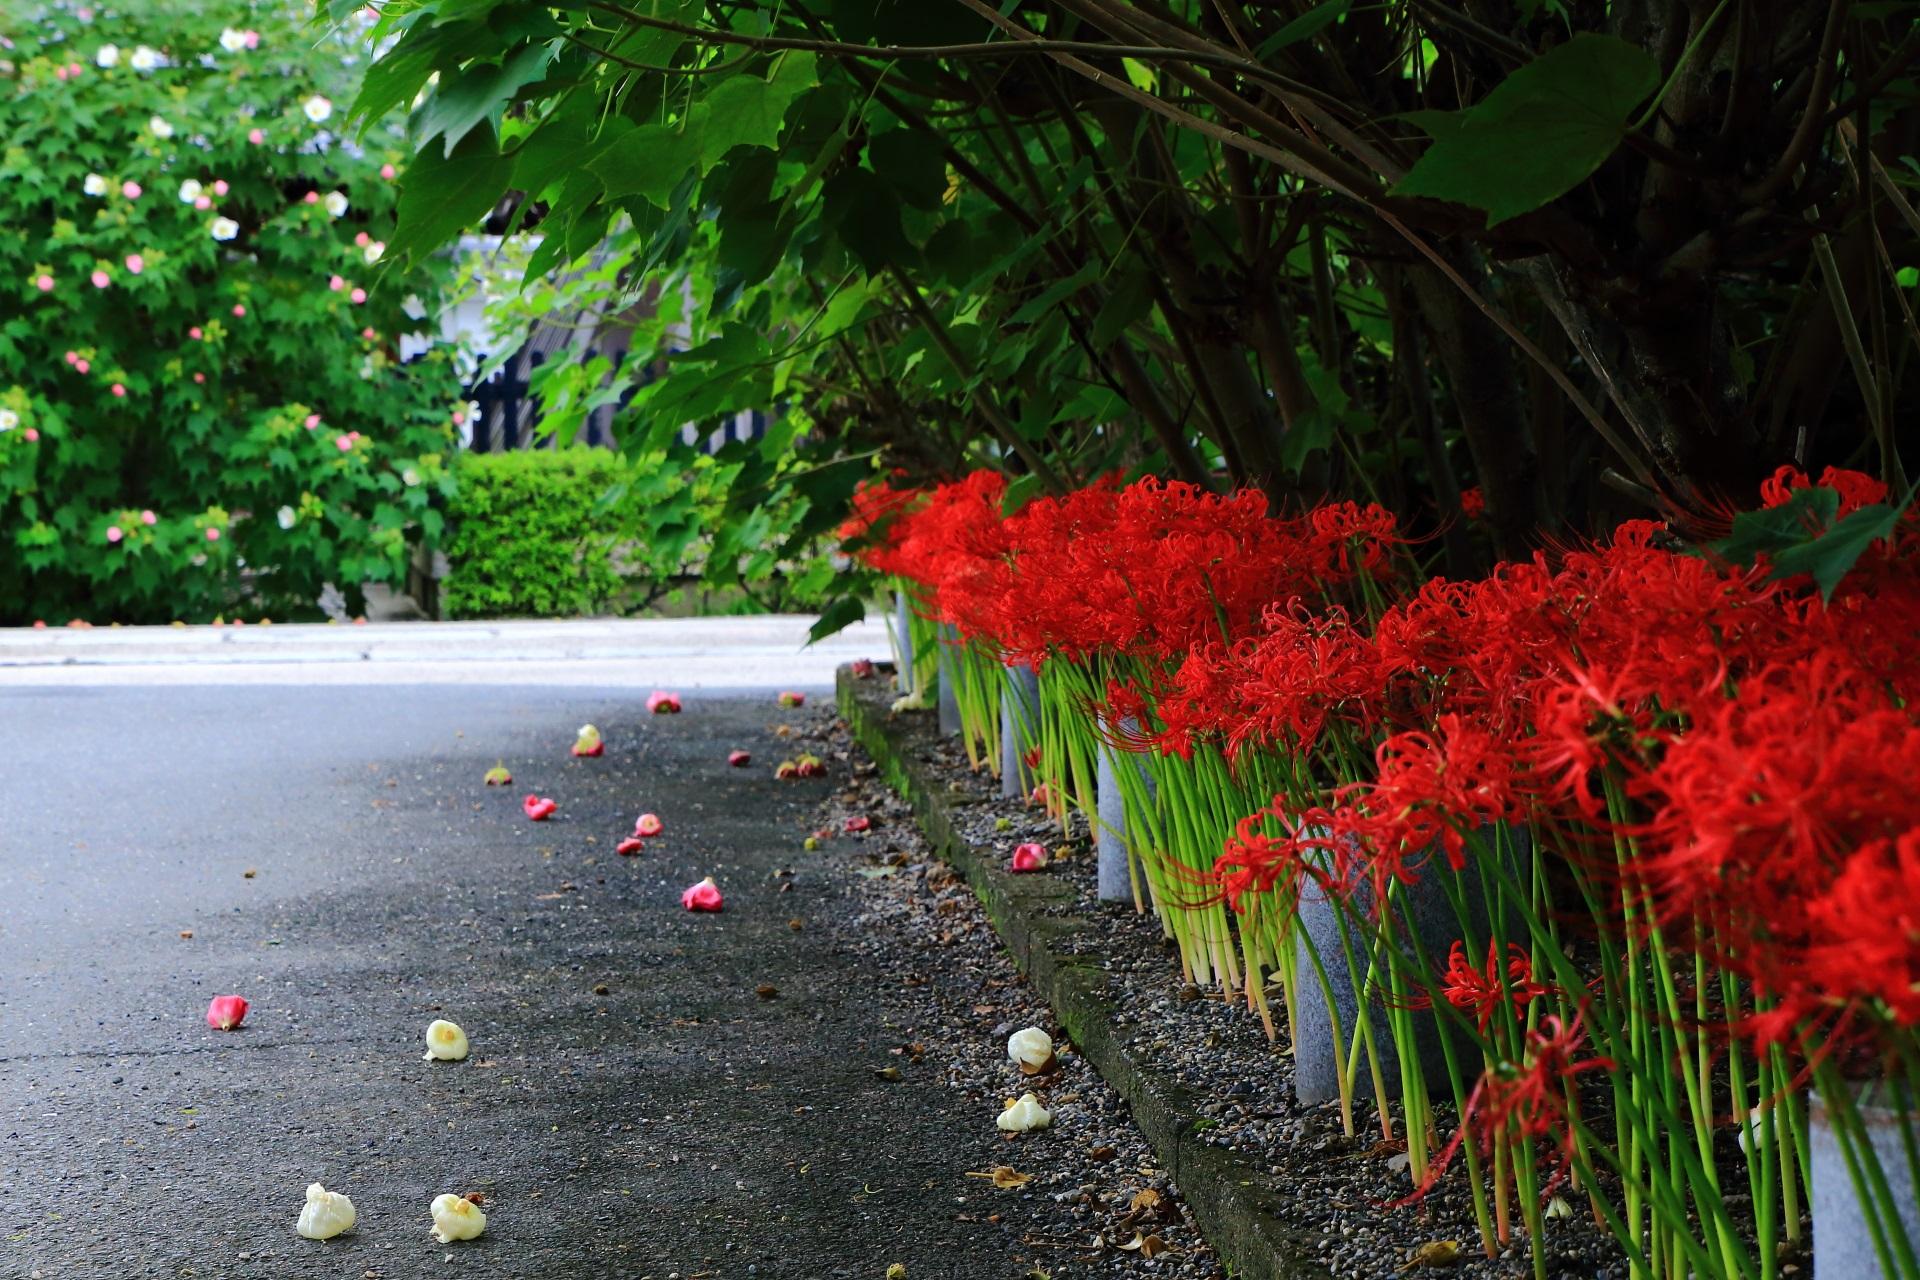 妙蓮寺の彼岸花と奥に見える鐘楼横の扶養の花